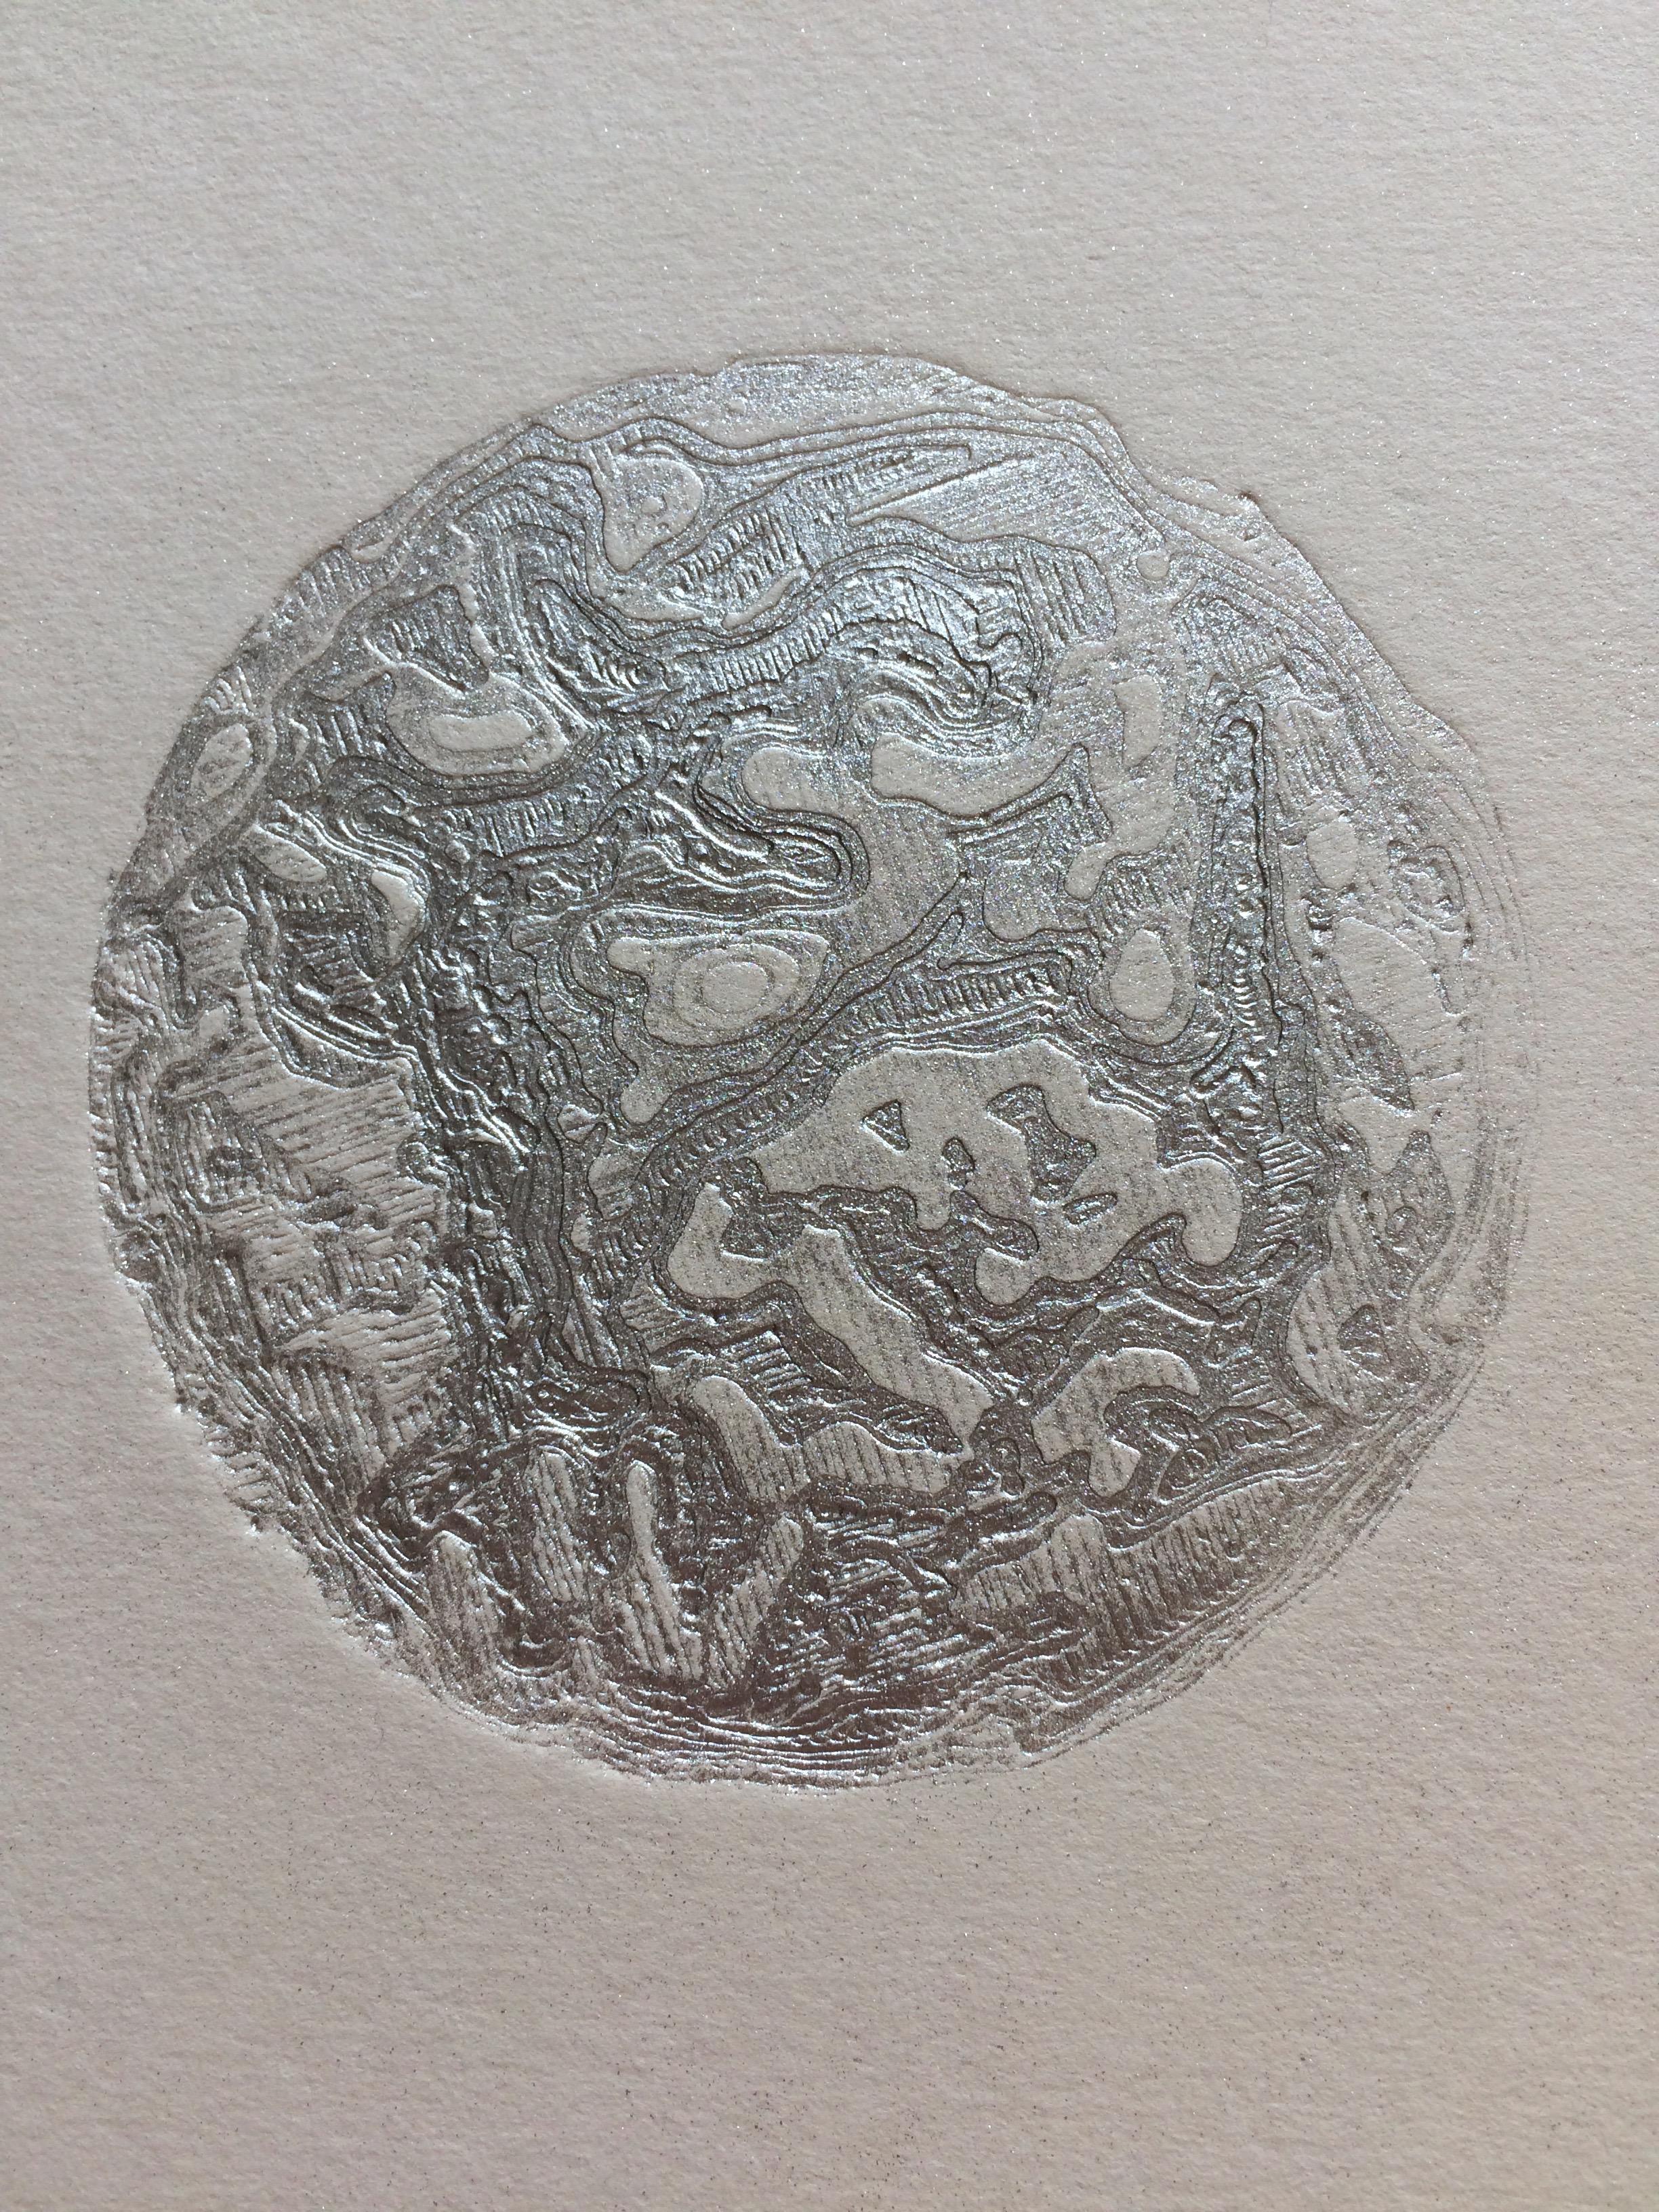 'The Cullins' in aluminium